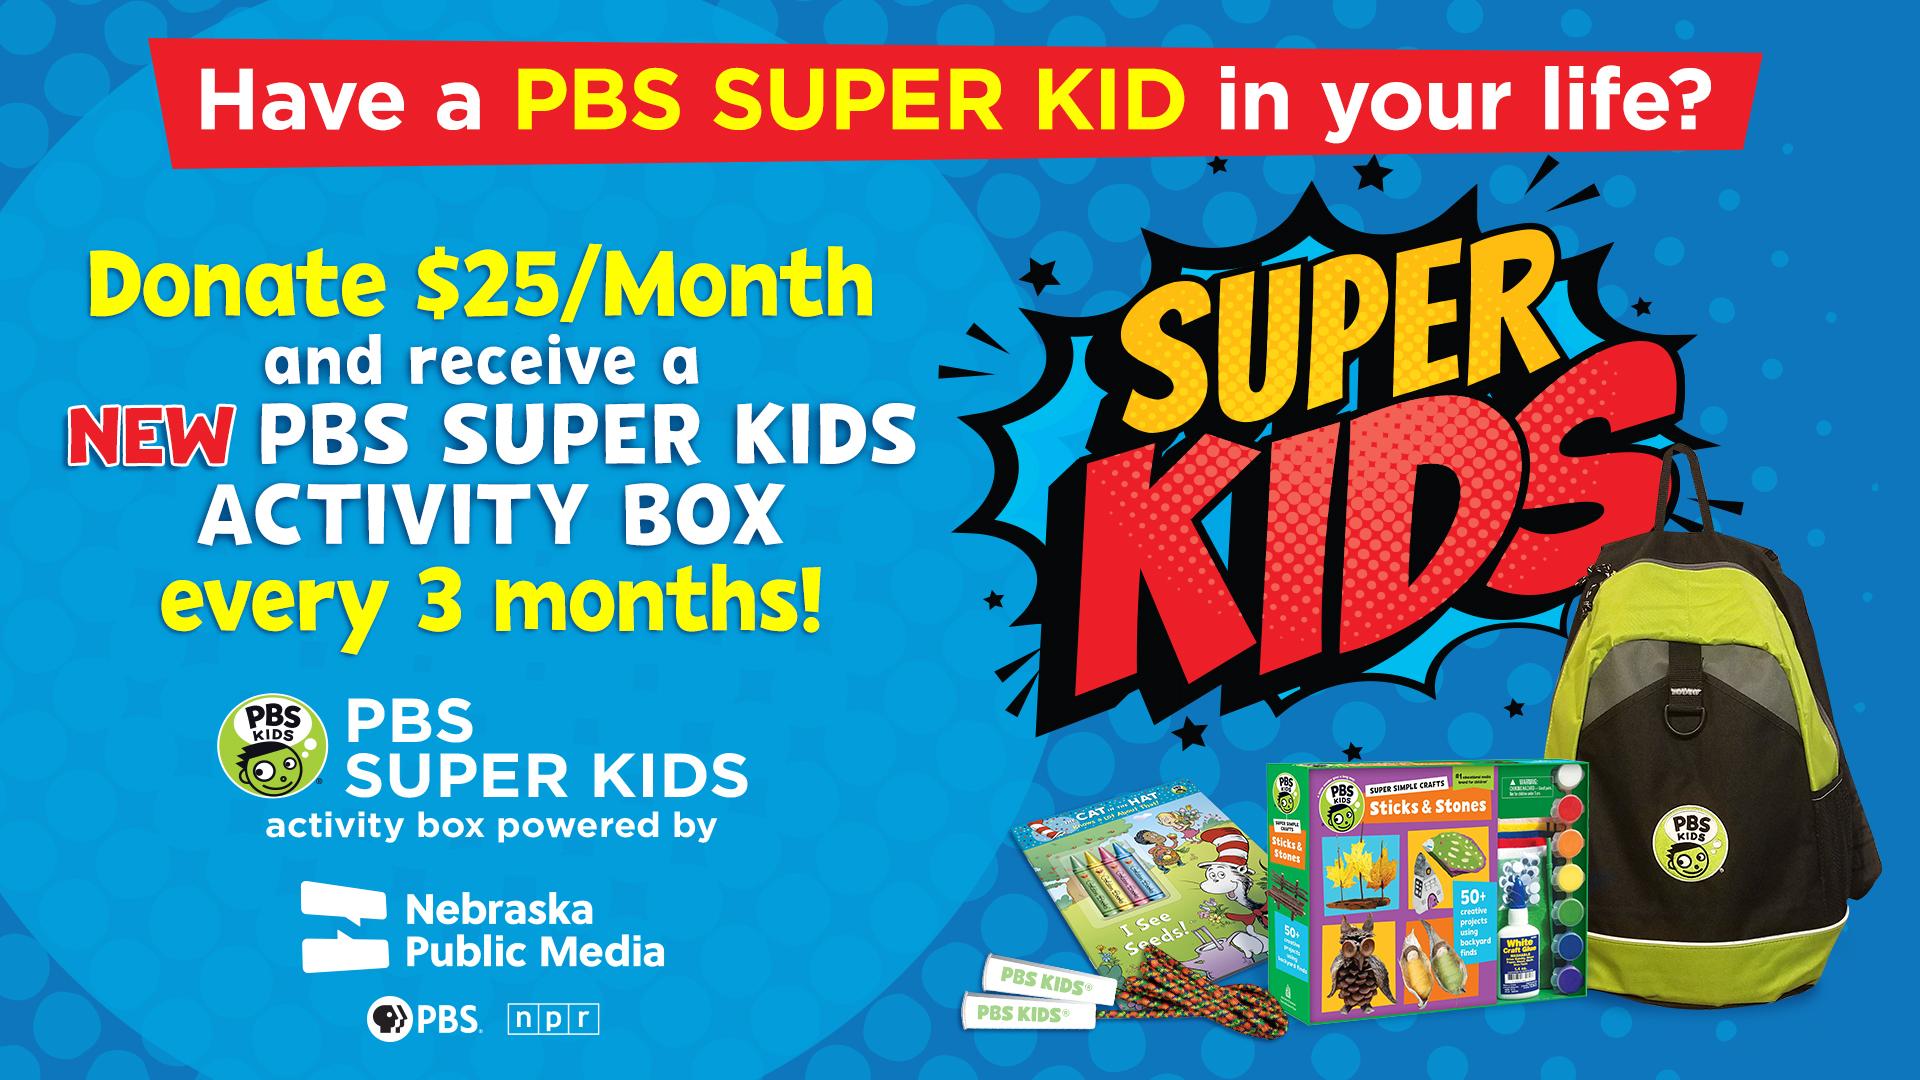 PBS Super Kids